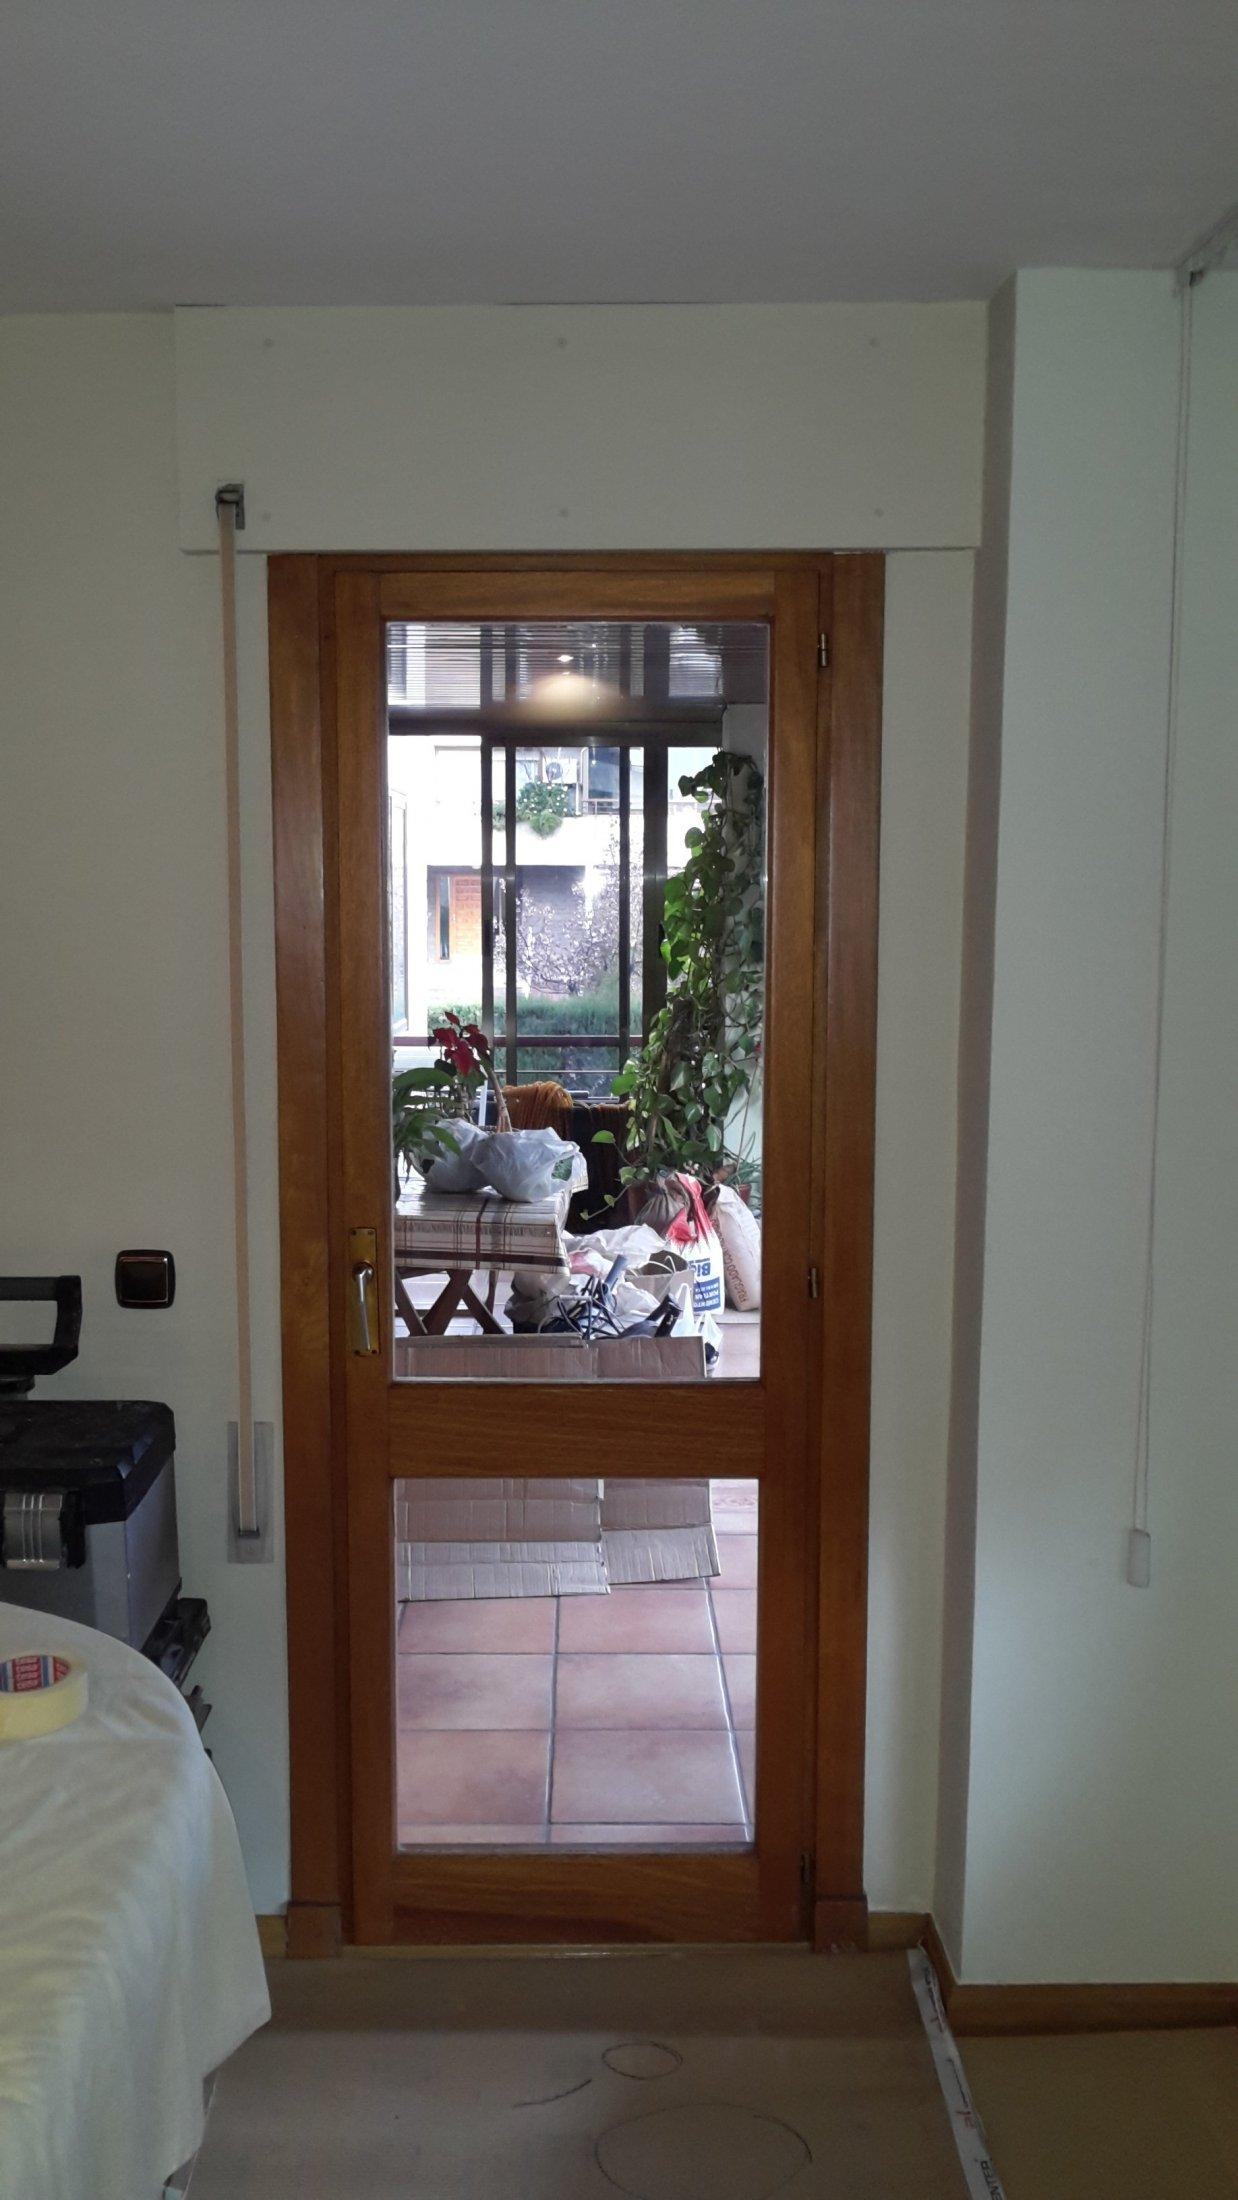 puerta vieja madera montajes de aluminio dg